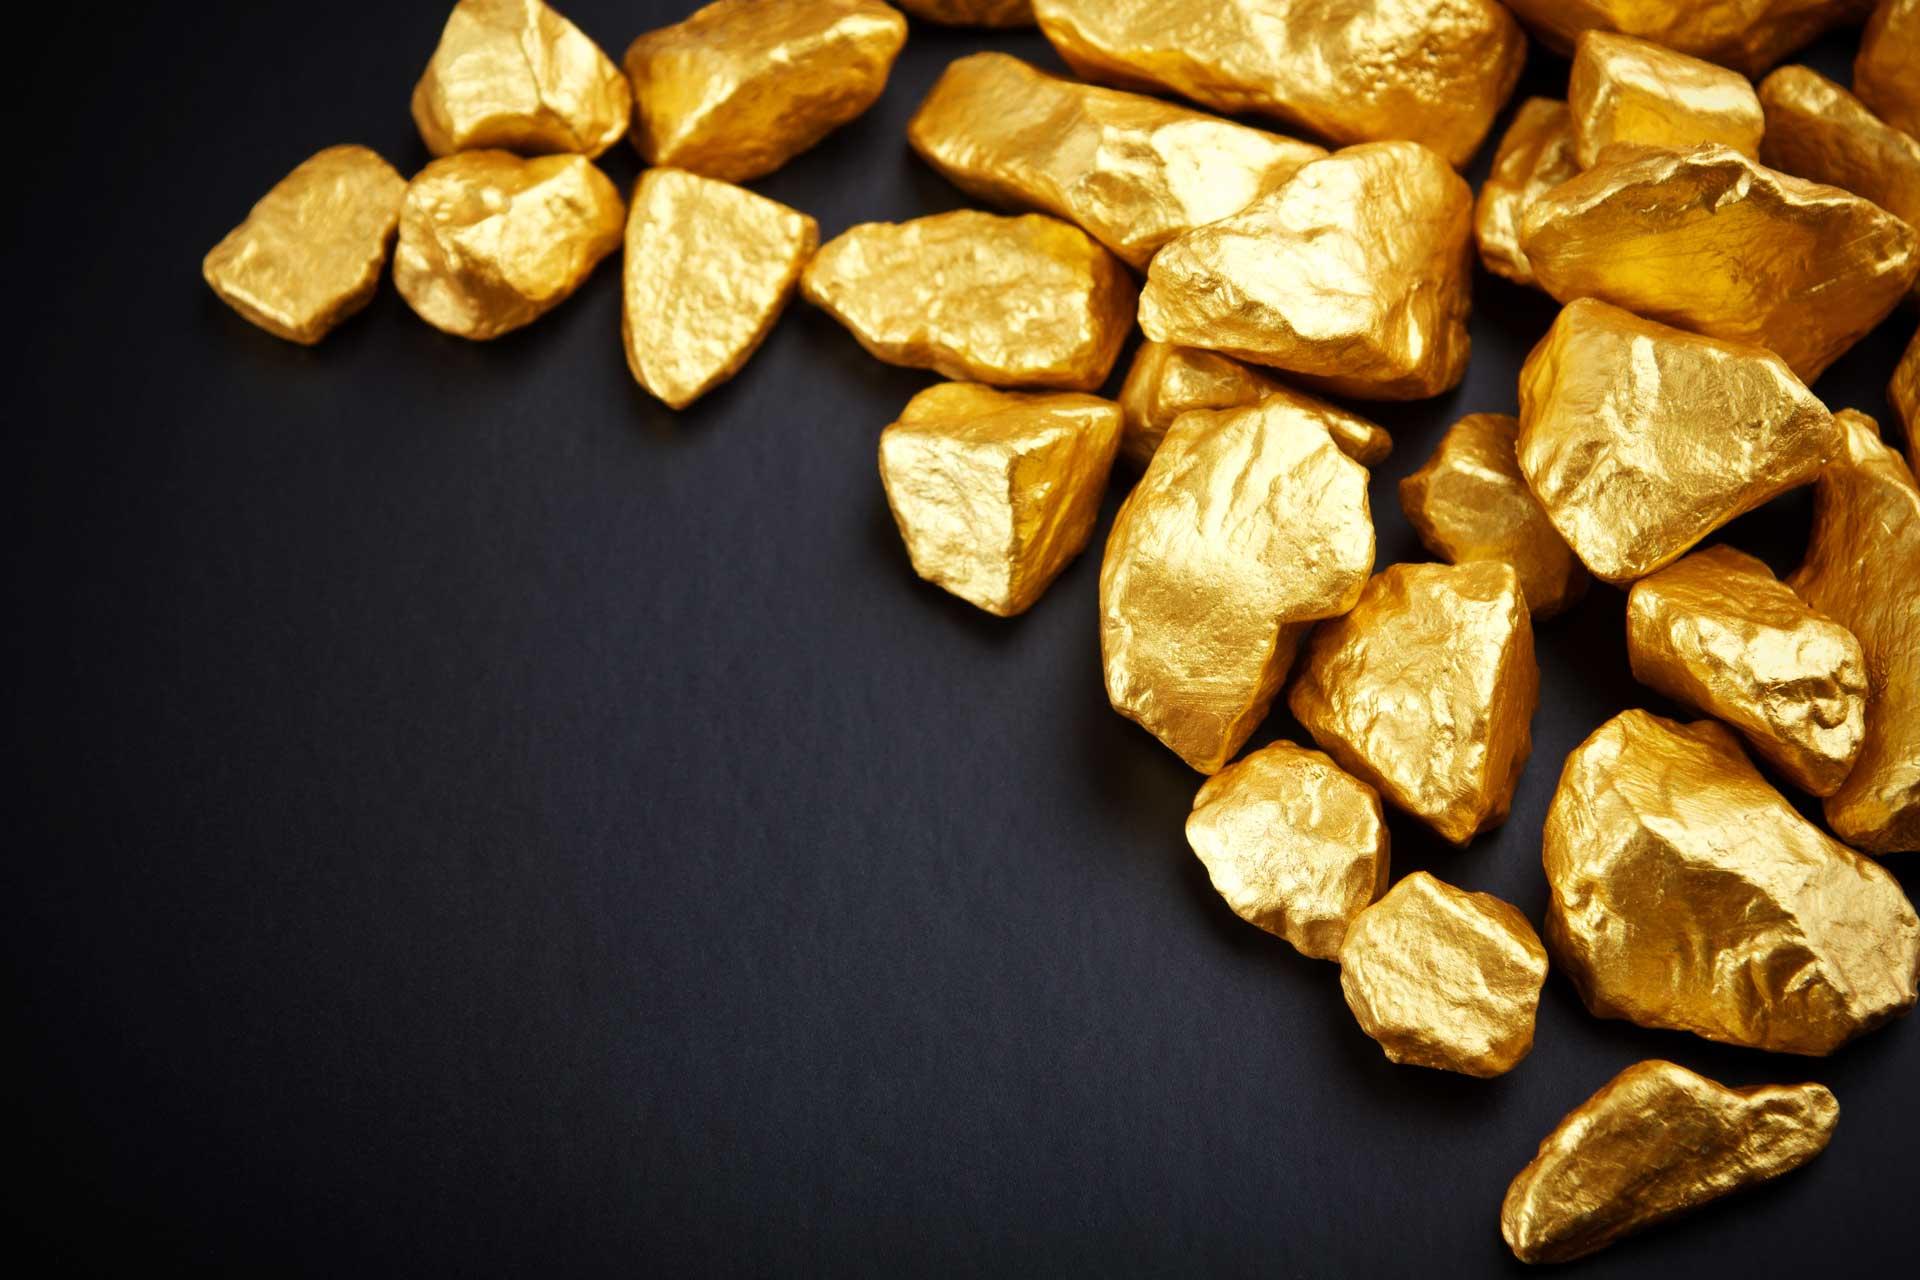 Bagaimana sejarah emas terbentuk via goldstriker.co.uk